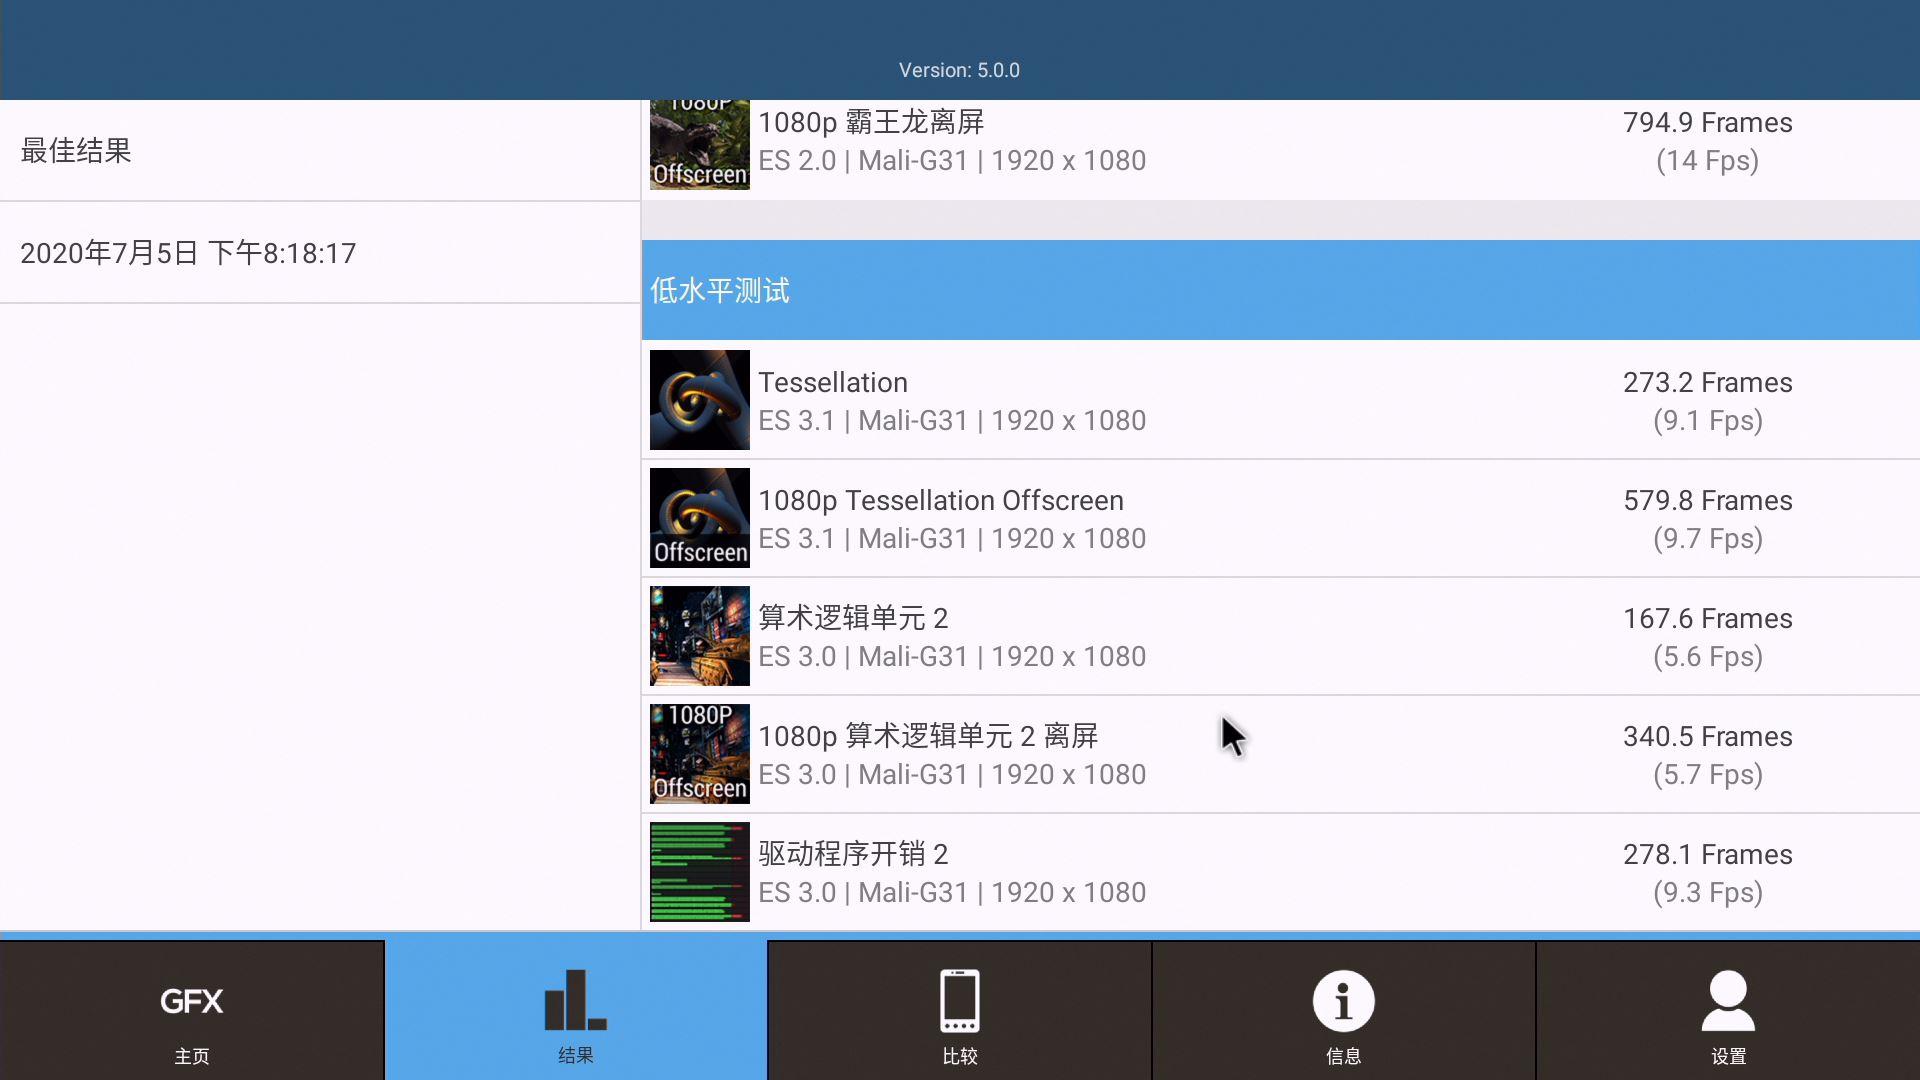 雷爵RockTek G1 4K HDR電視盒-無痛升級Google授權Android TV系統,語音助理免動手 - 97